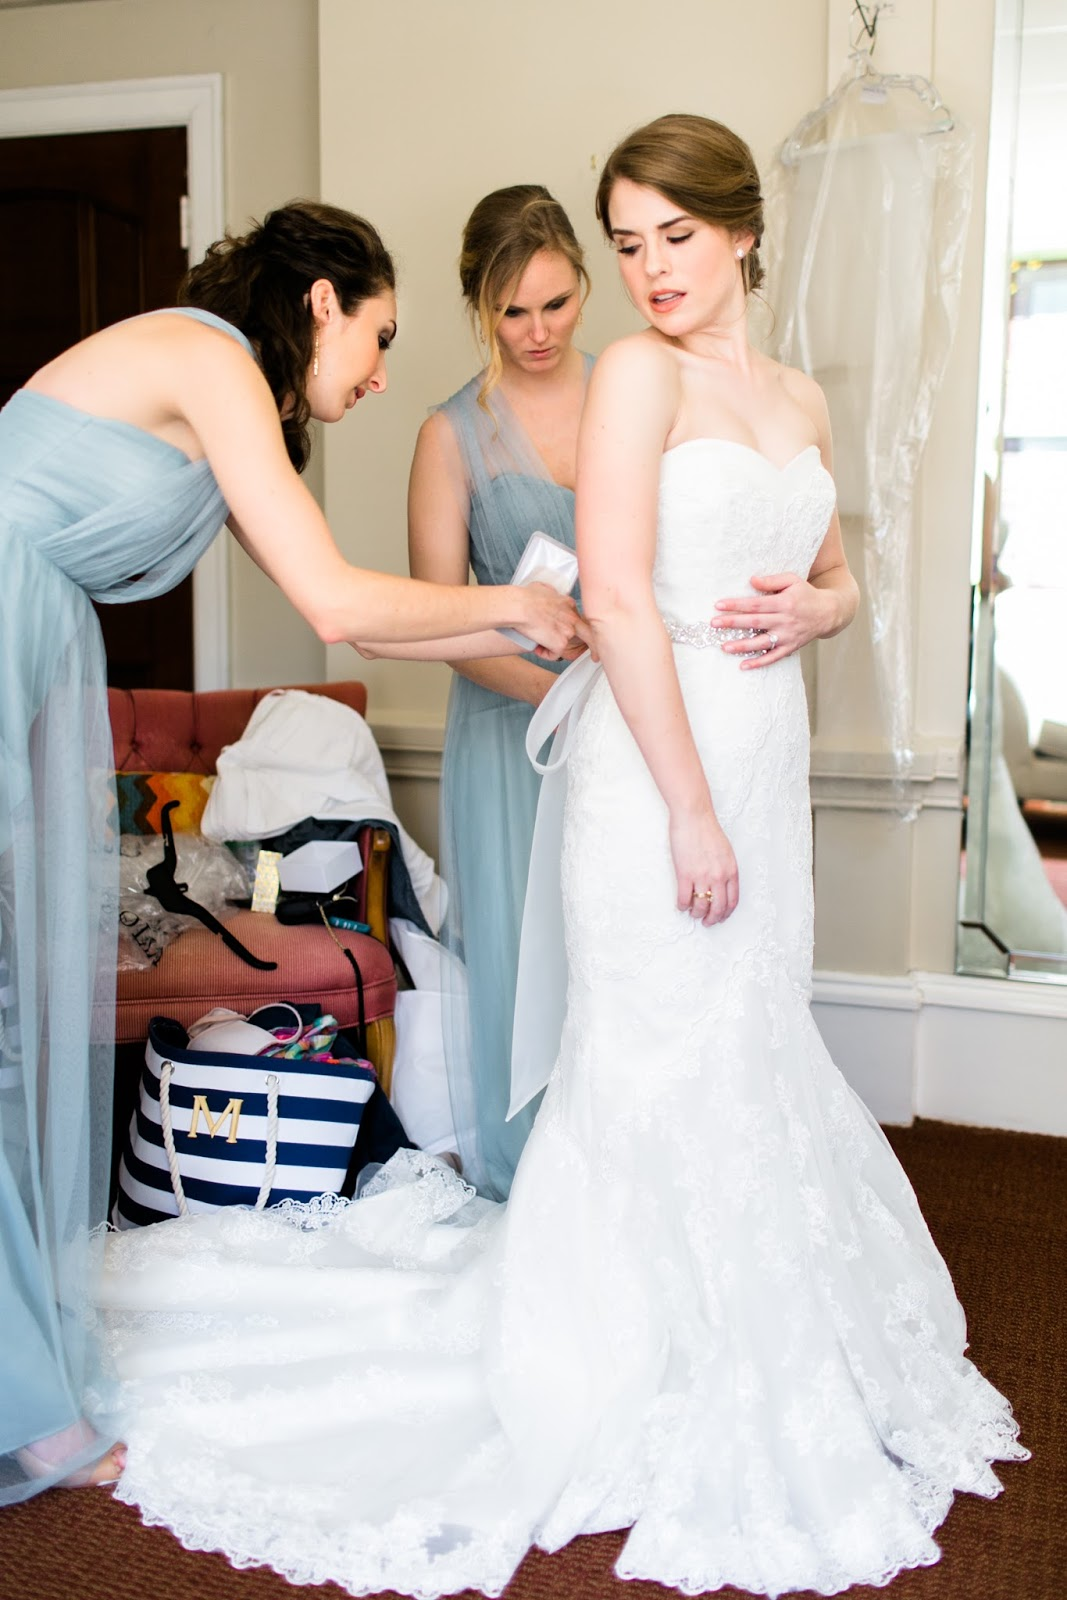 Wedding Dresses In Birmingham Al 52 Popular Following the wedding it